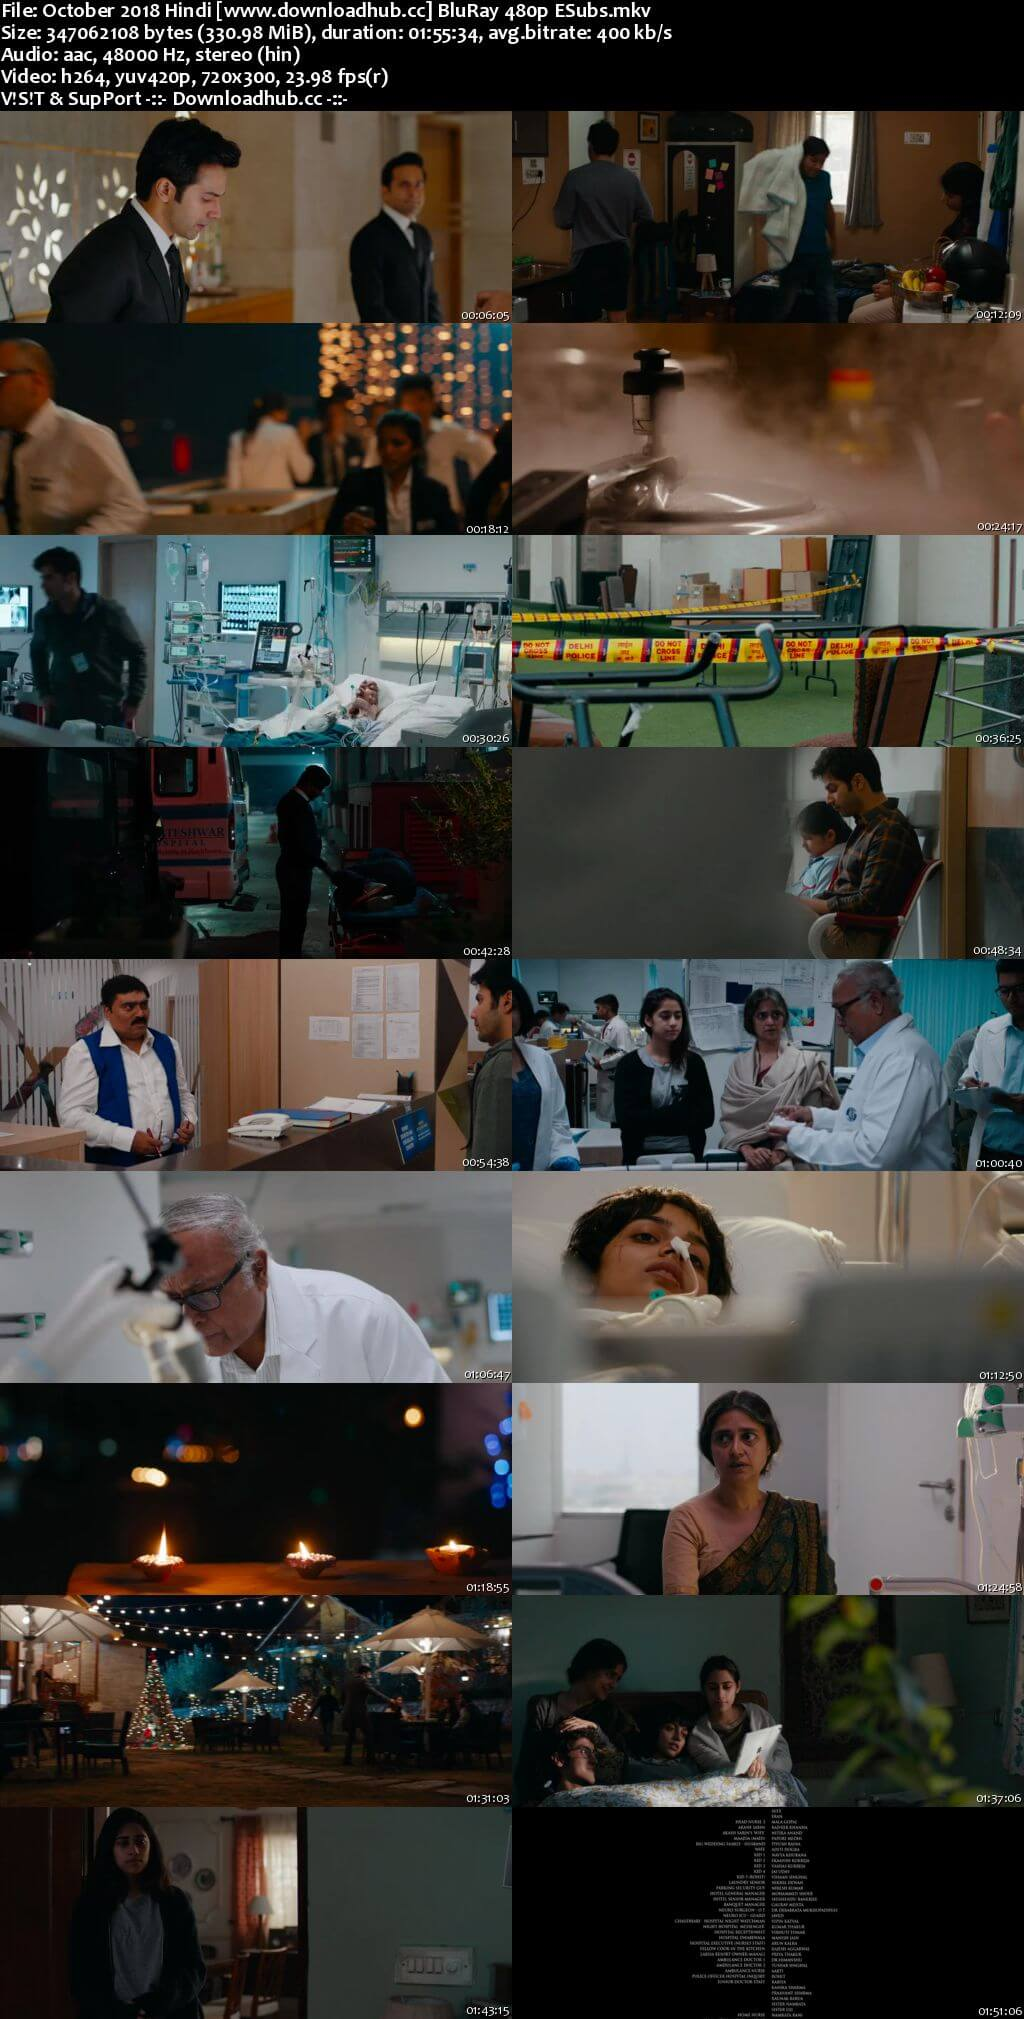 October 2018 Hindi 300MB BluRay 480p ESubs